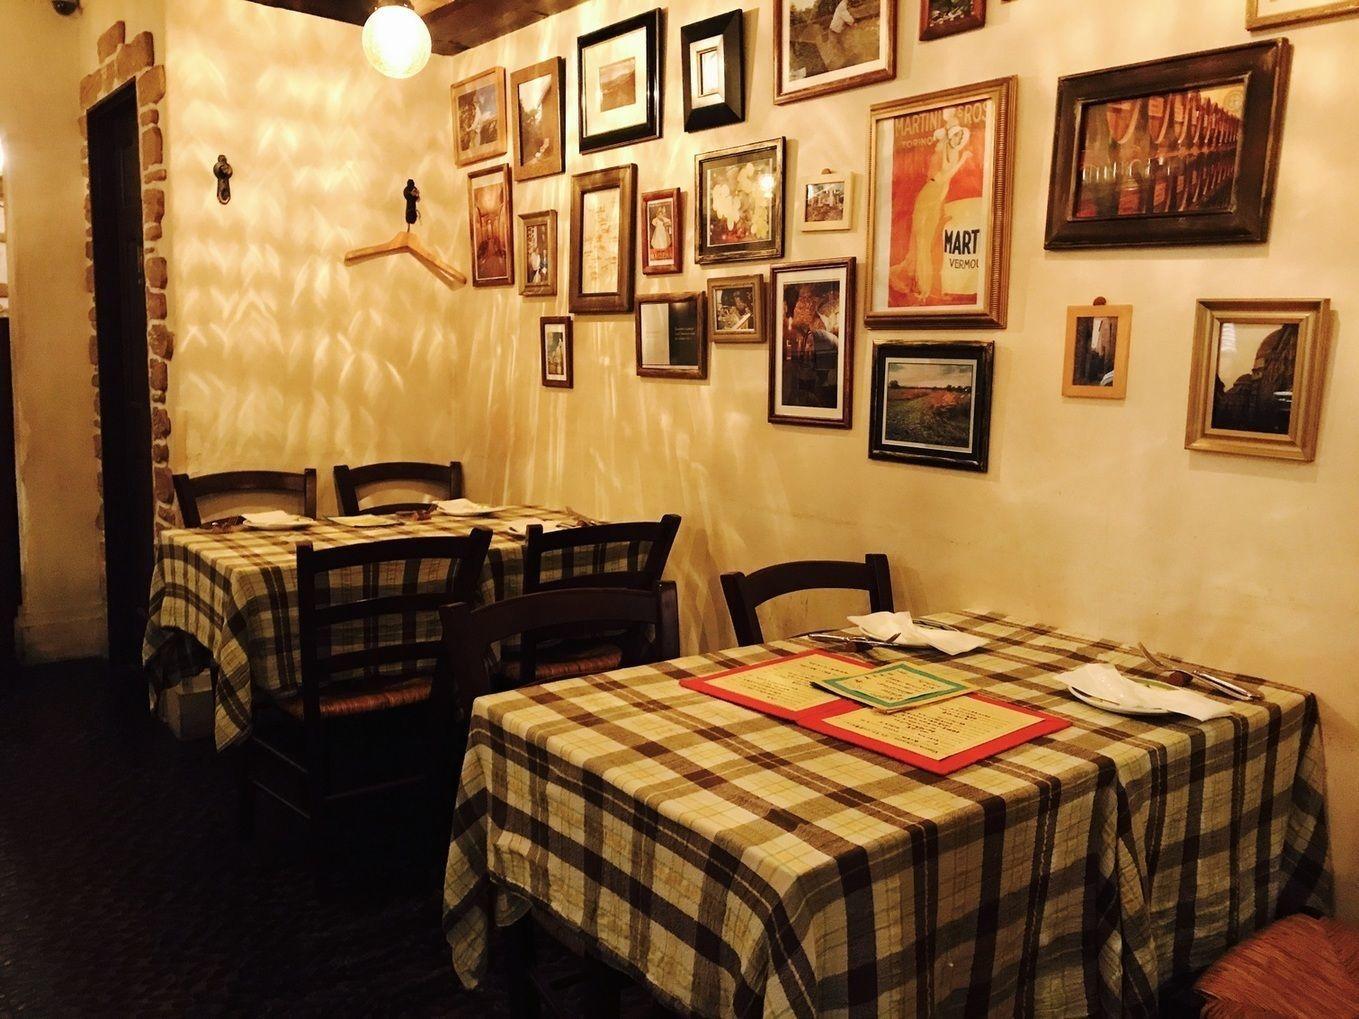 三軒茶屋周辺でオシャレにお食事♪おすすめのお店4選!の画像